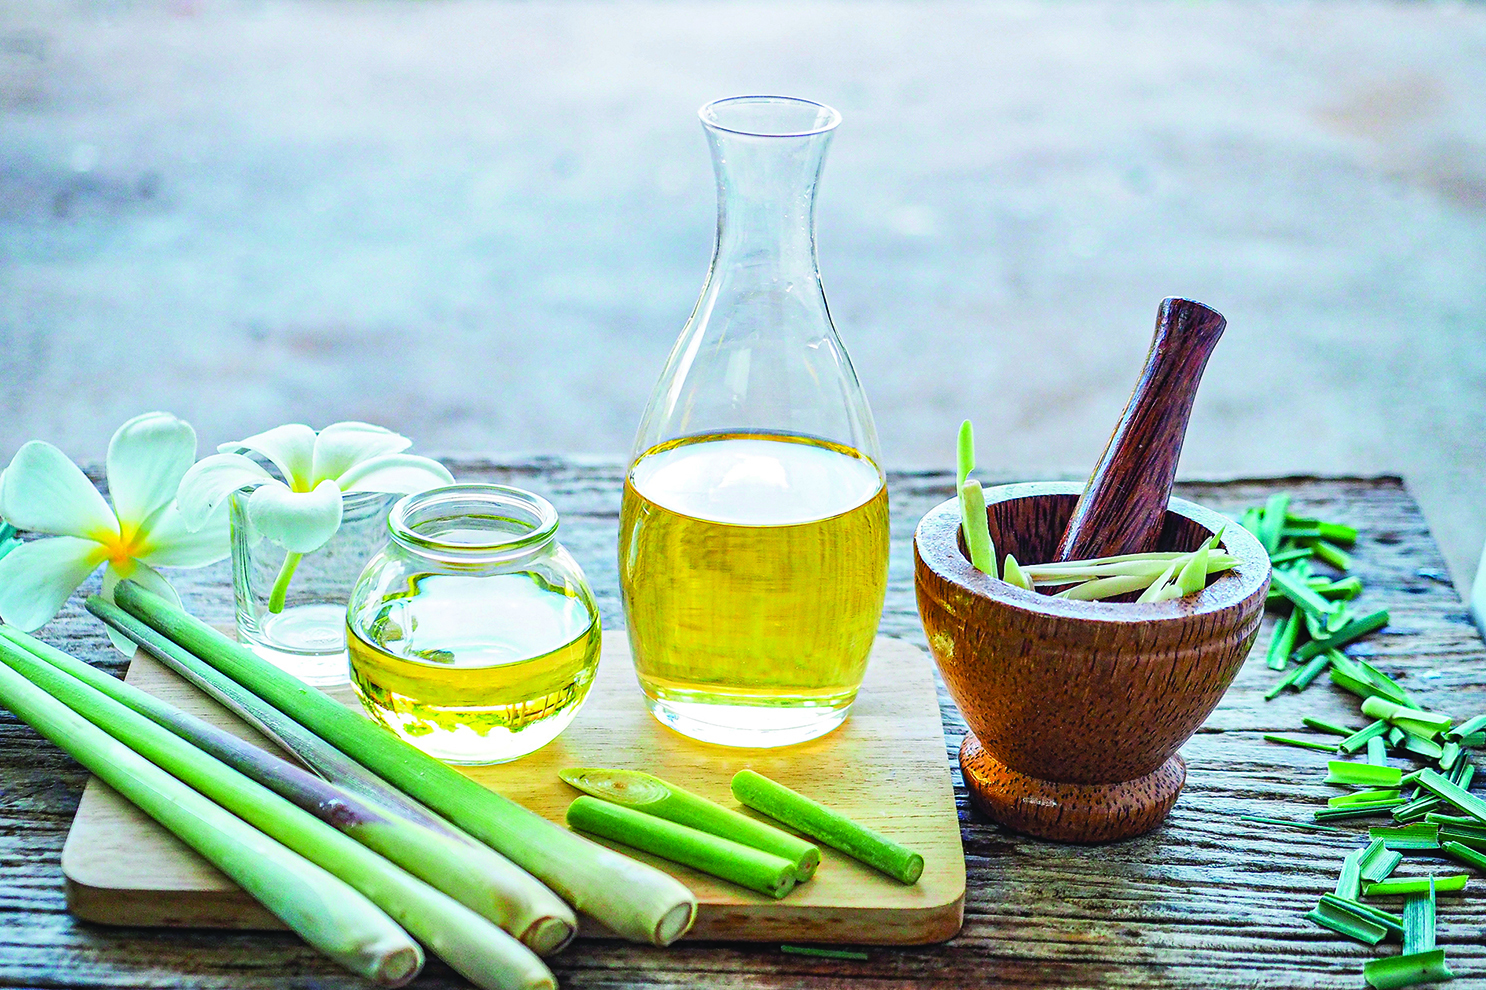 檸檬香茅精油在泡澡時使用可以消除疲勞。